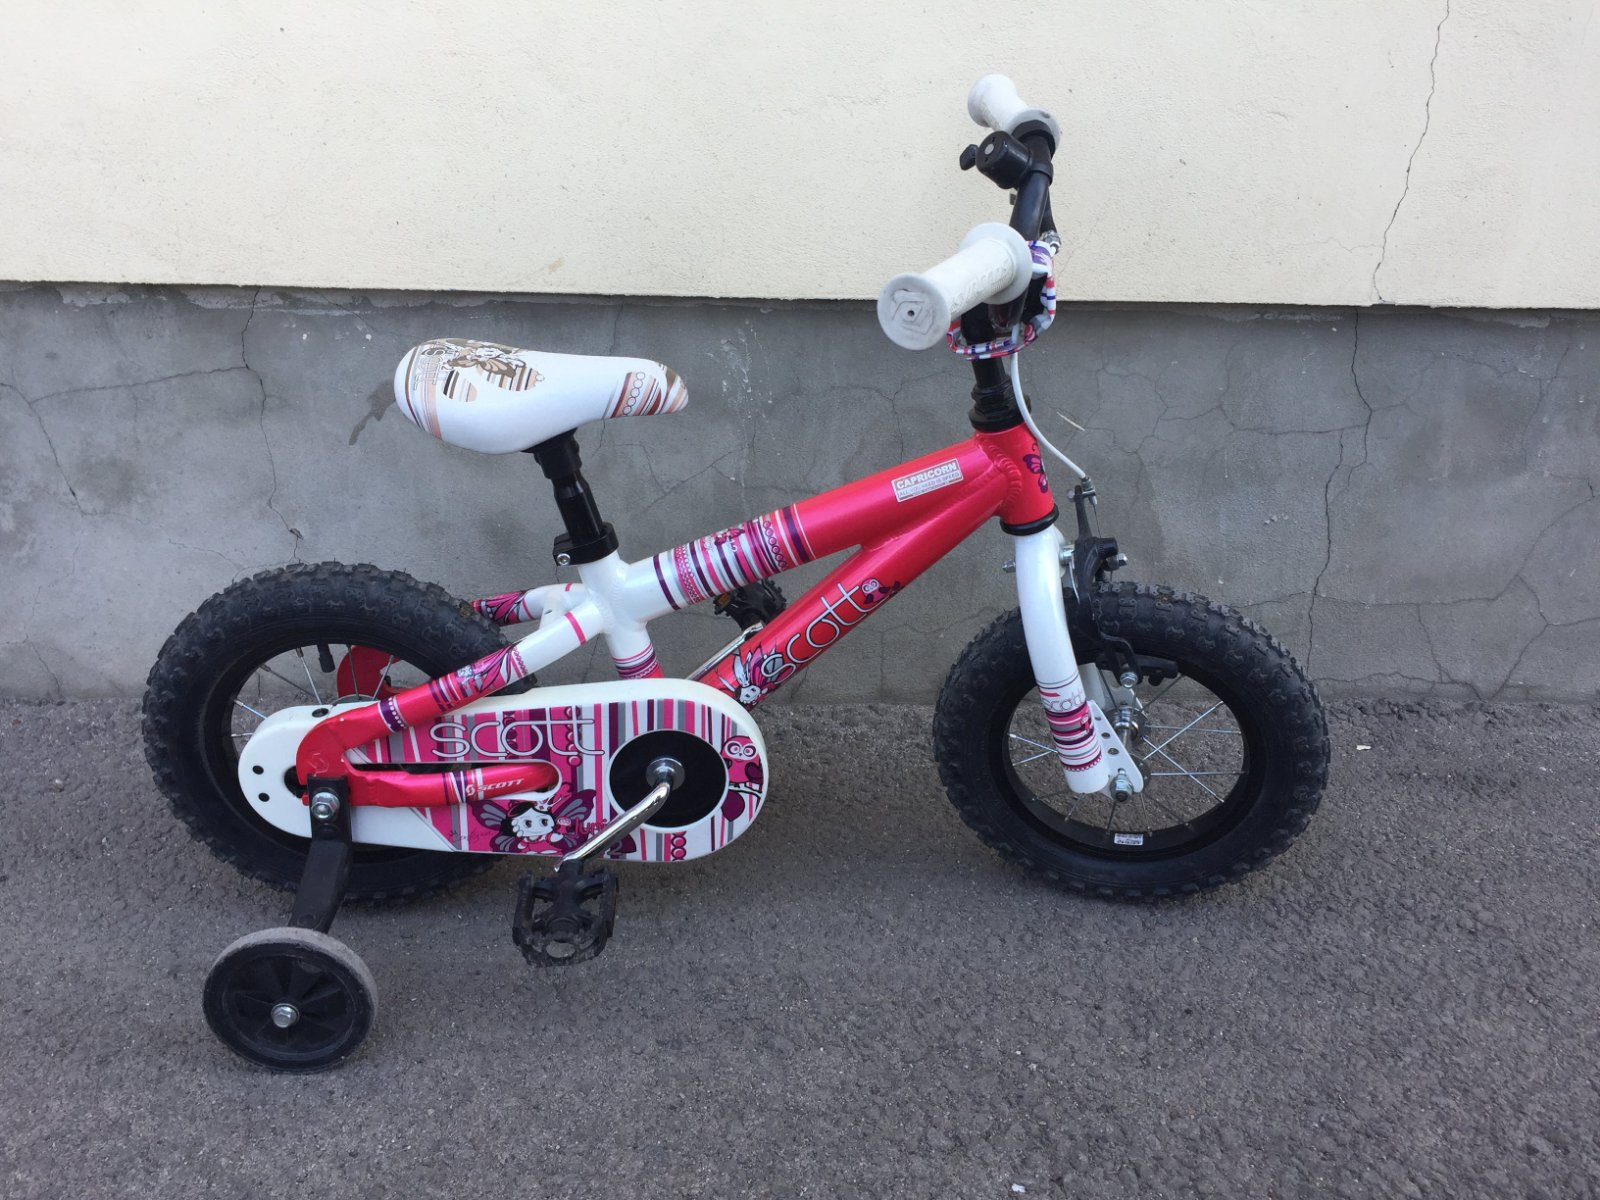 3d5e905e4c82b Detský bicykel scott contessa jr 12, - 120 € od predávajúcej predajsro78 |  Detský bazár | ModryKonik.sk